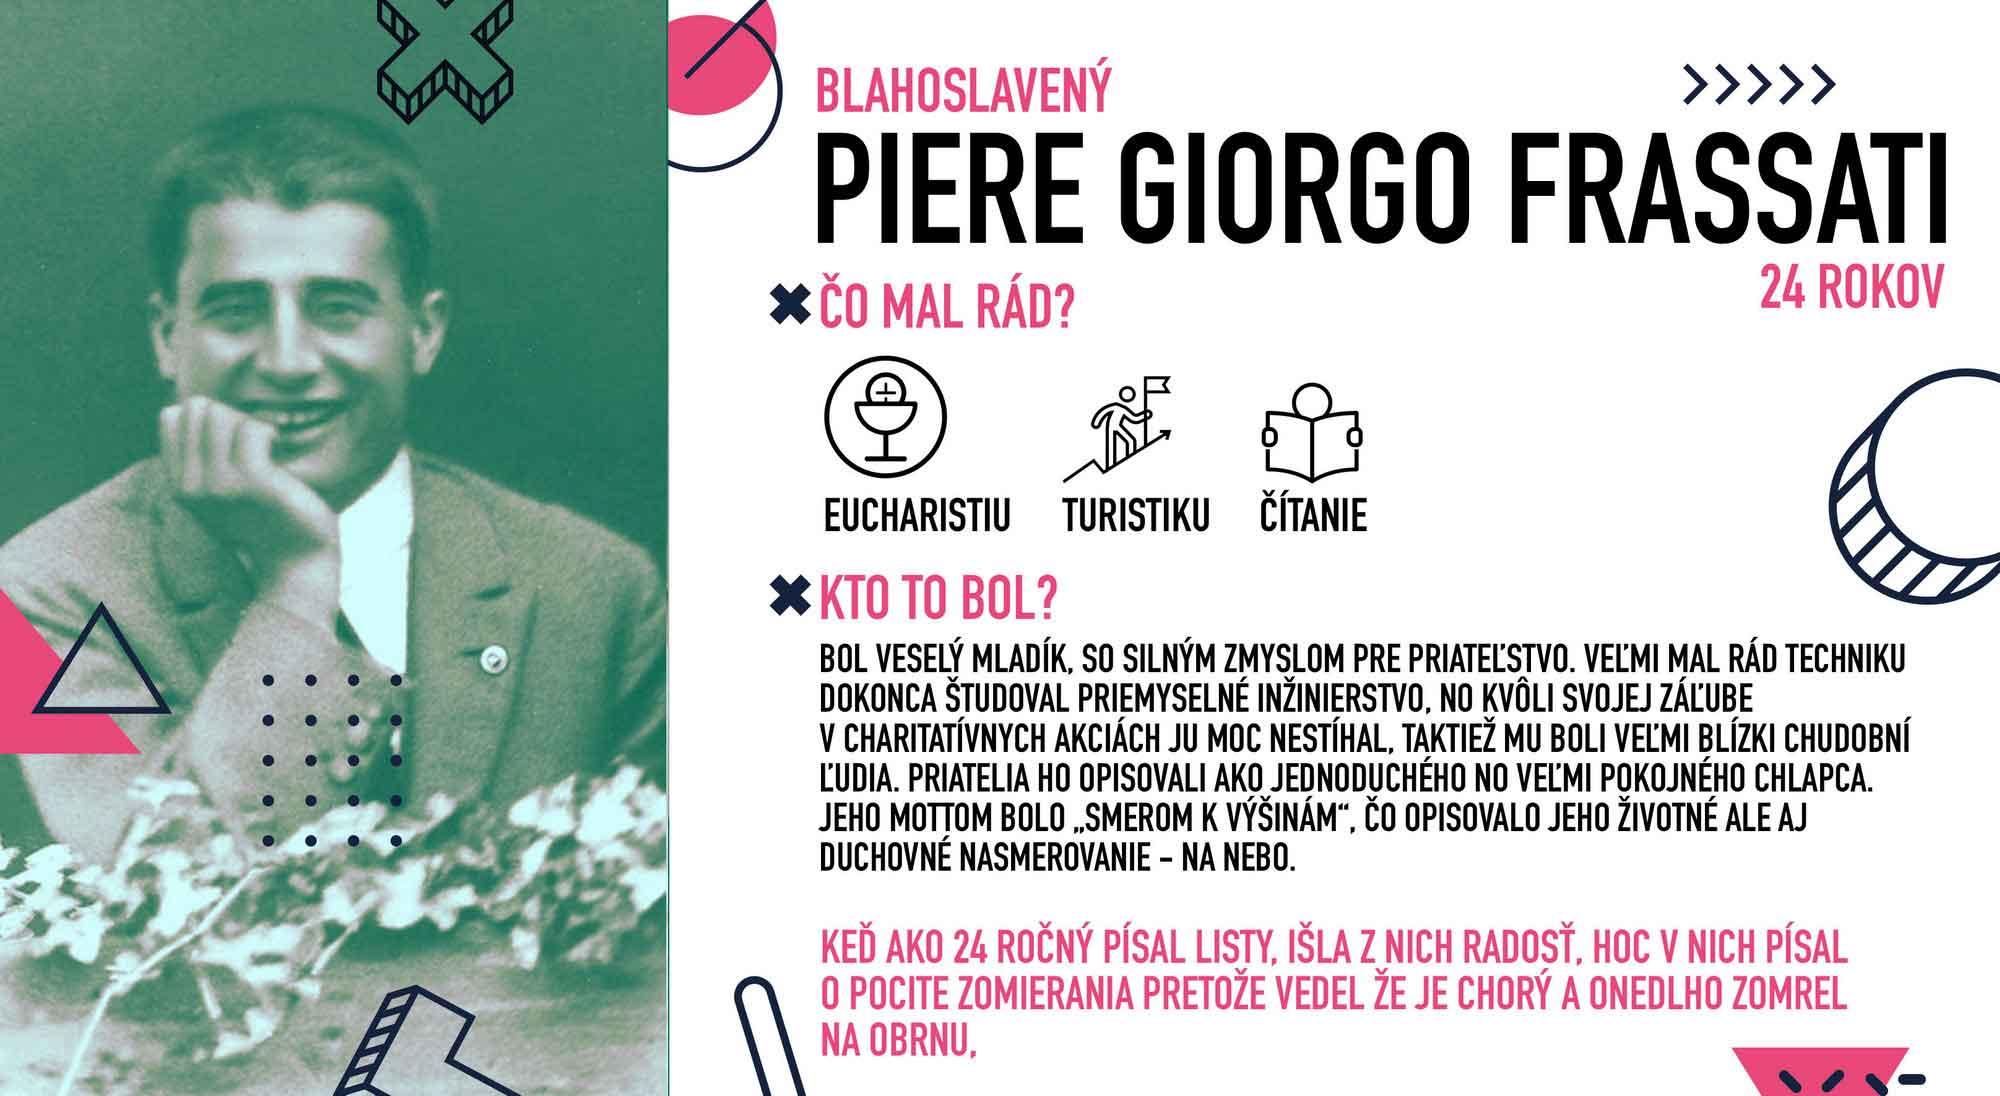 Piere-Giorgio-Frassati